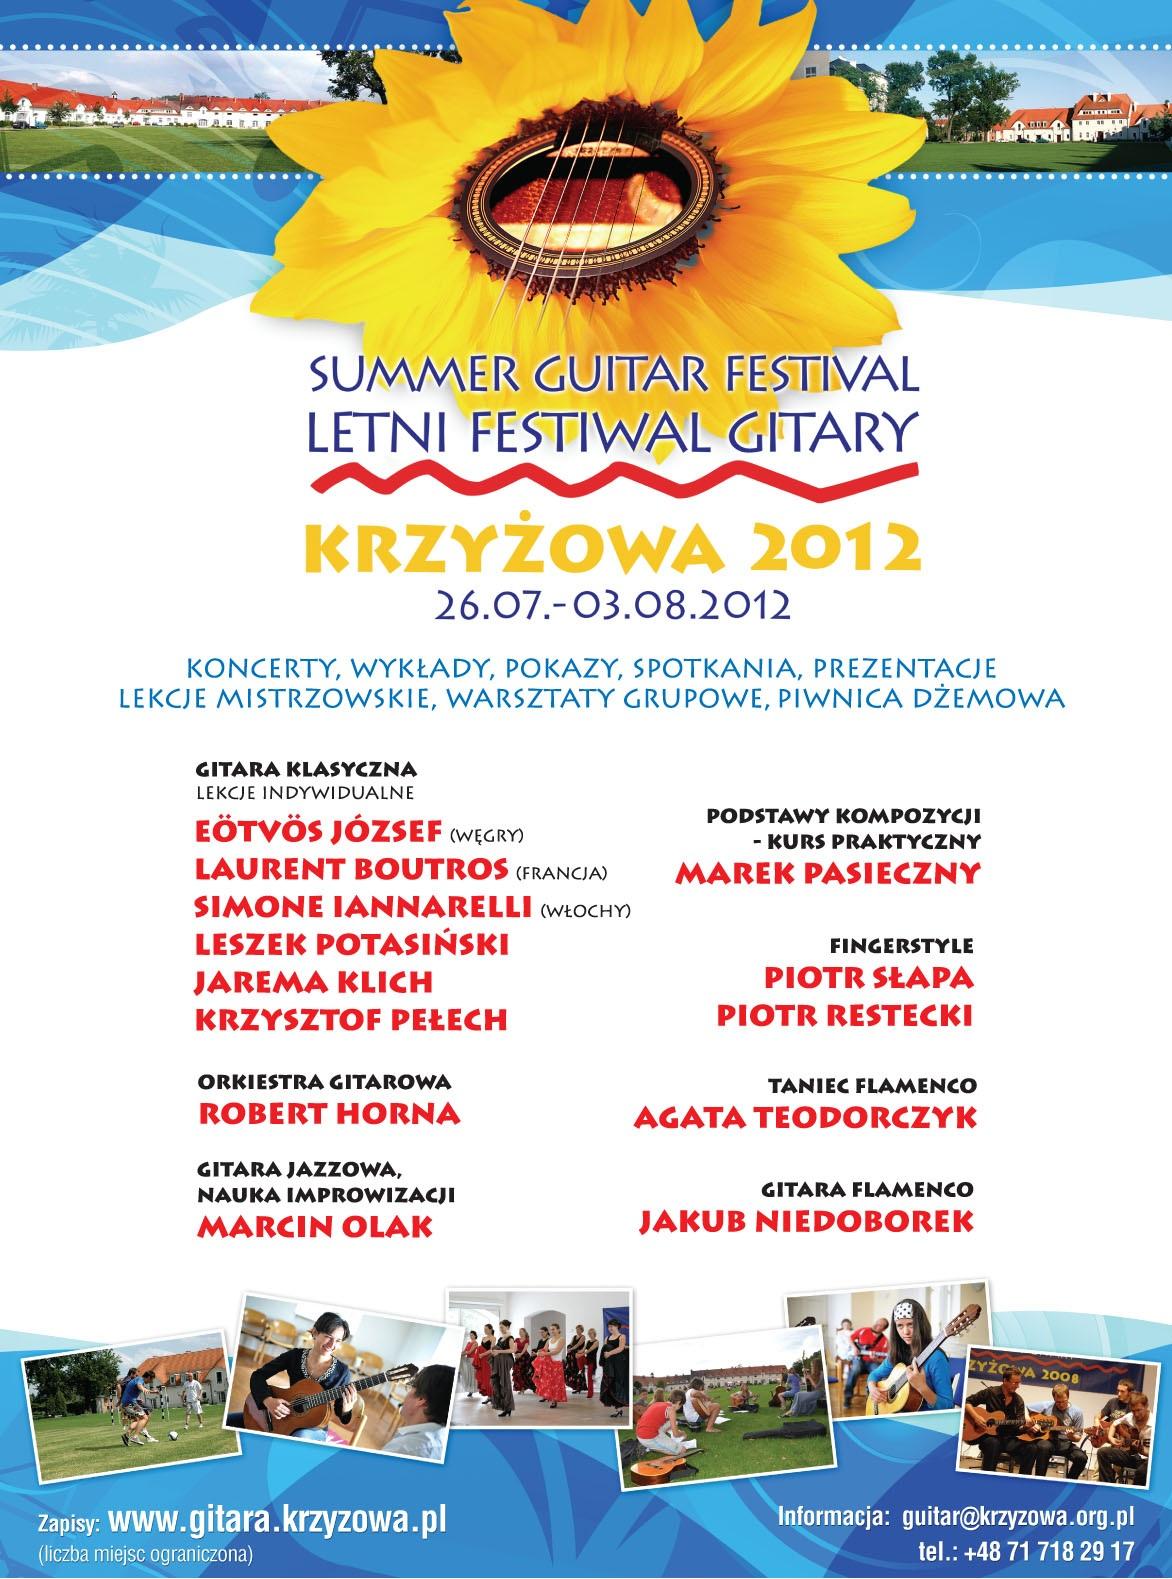 Plakat wydarzenia (źródło: materiały prasowe organizatora)